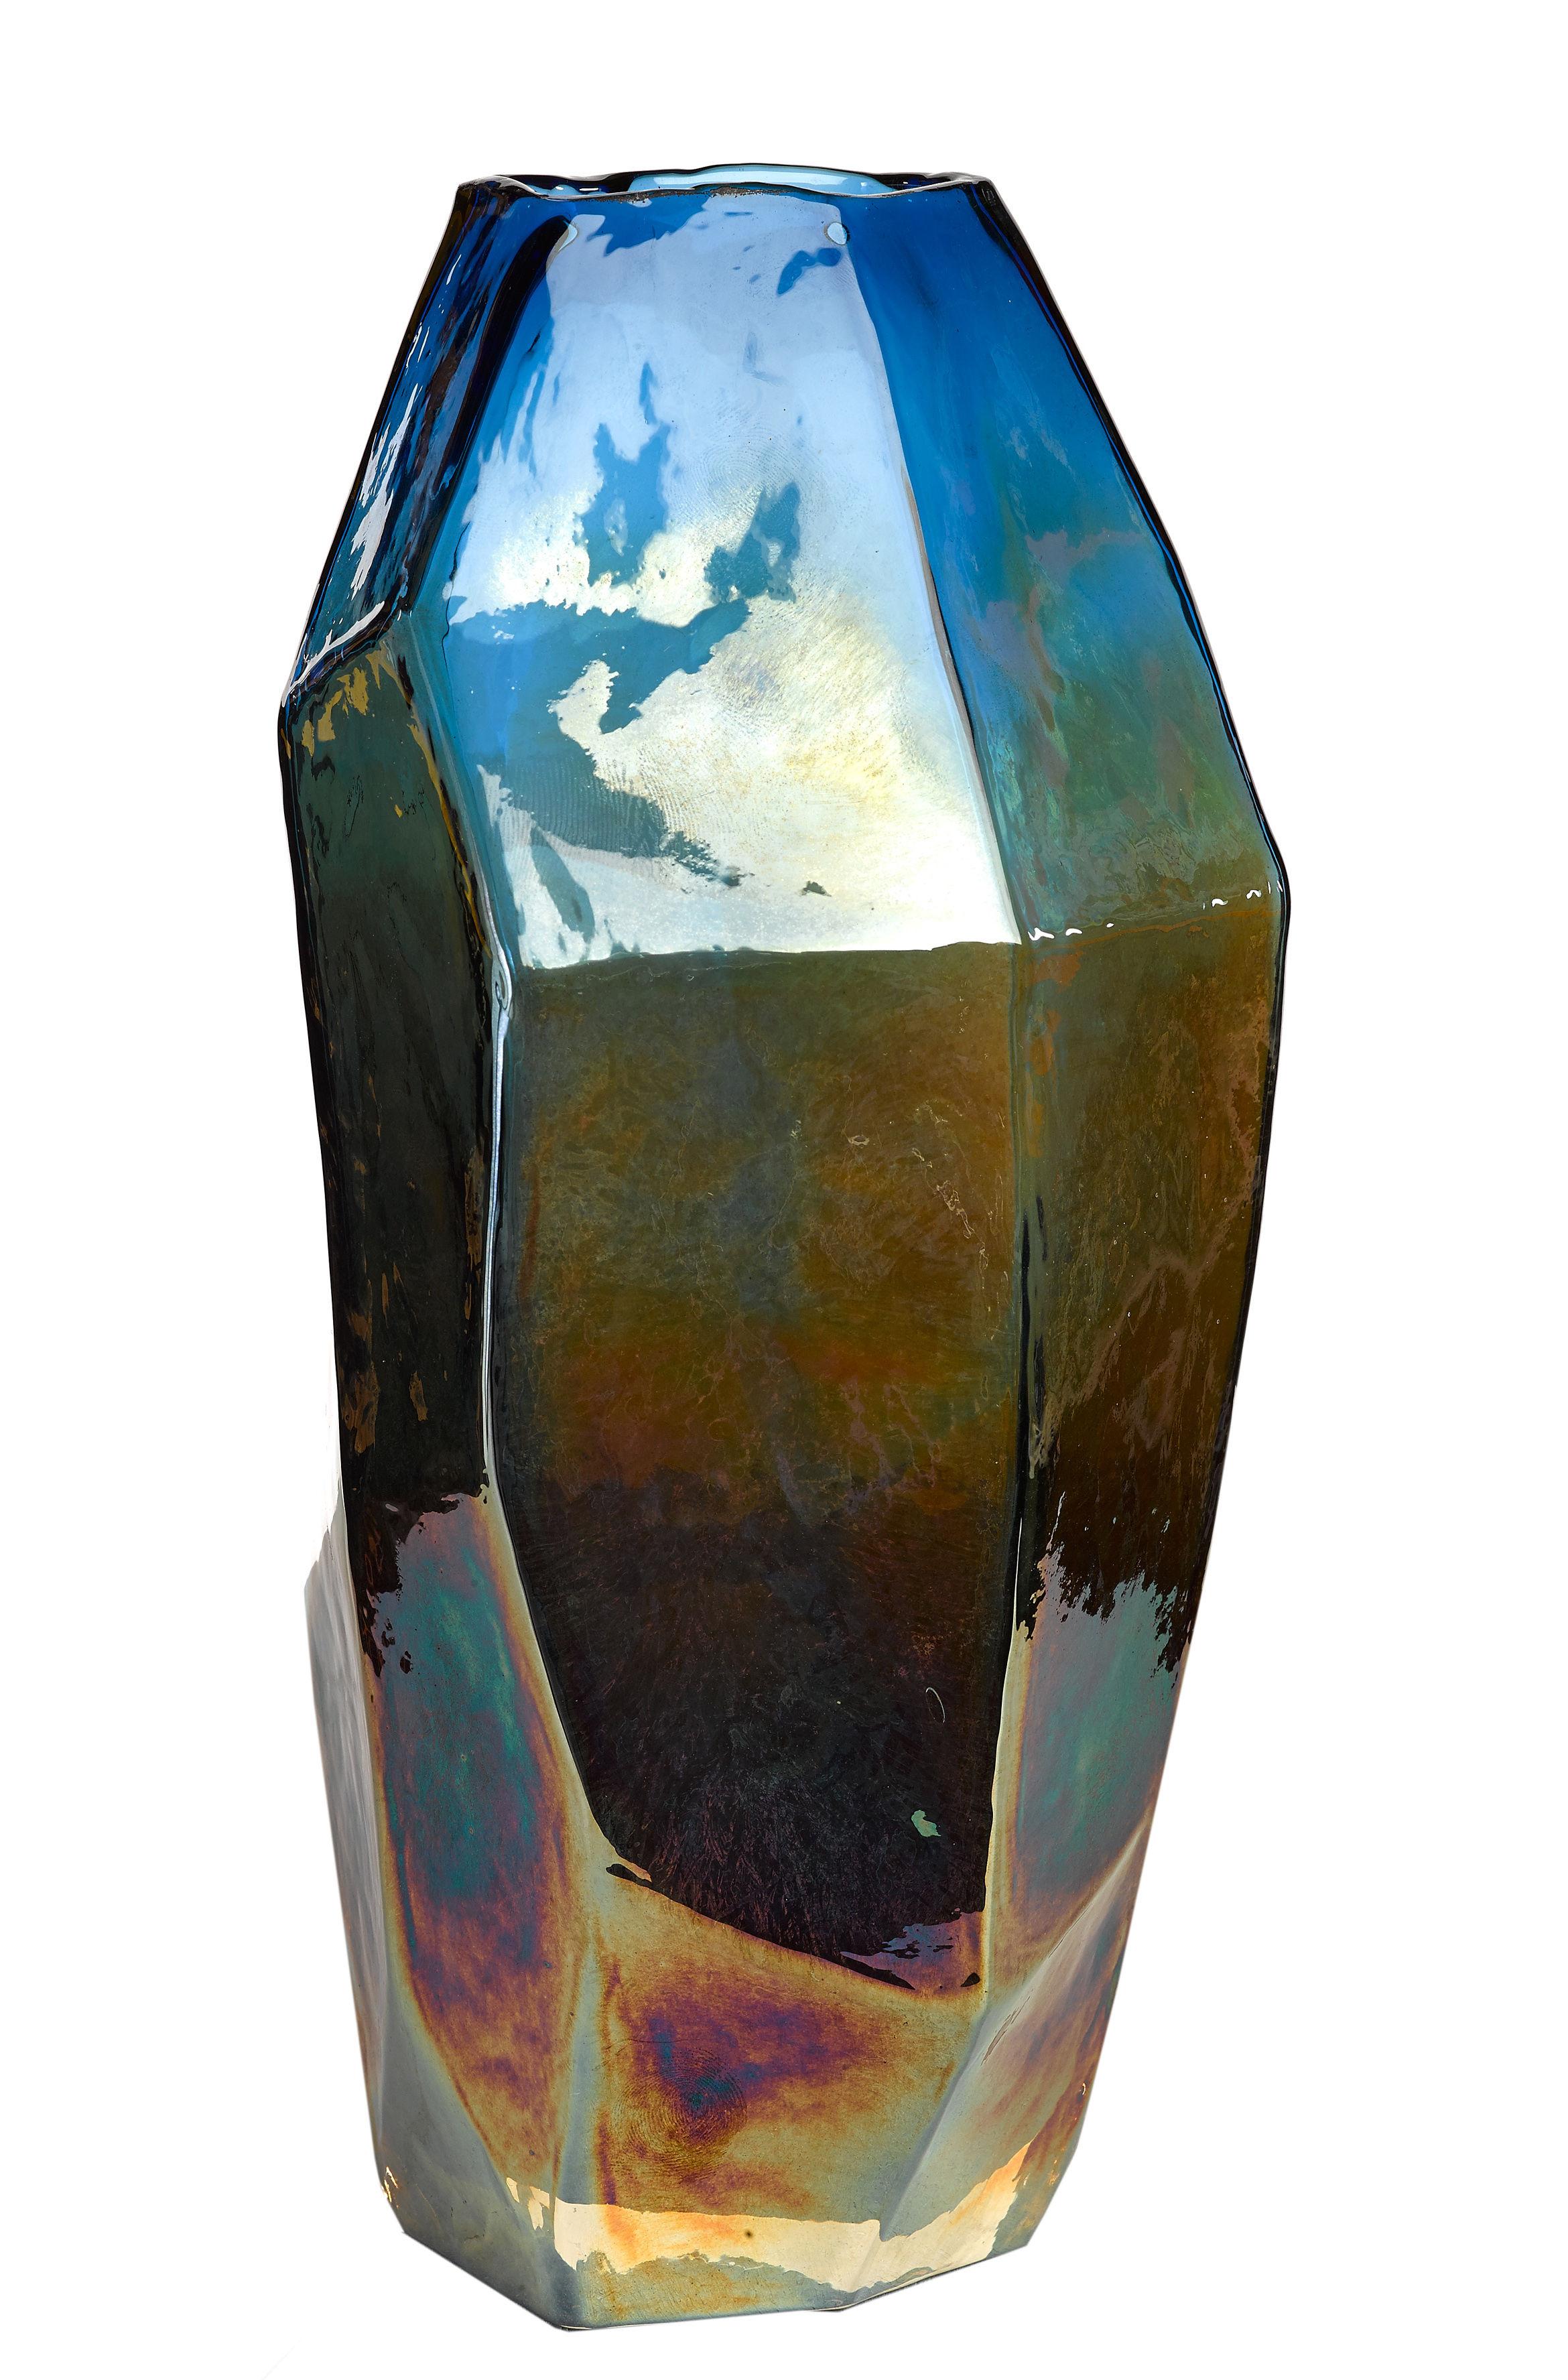 Interni - Vasi - Vaso Graphic Luster / Bicchiere - H 30 cm - Pols Potten -  - Vetro colorato